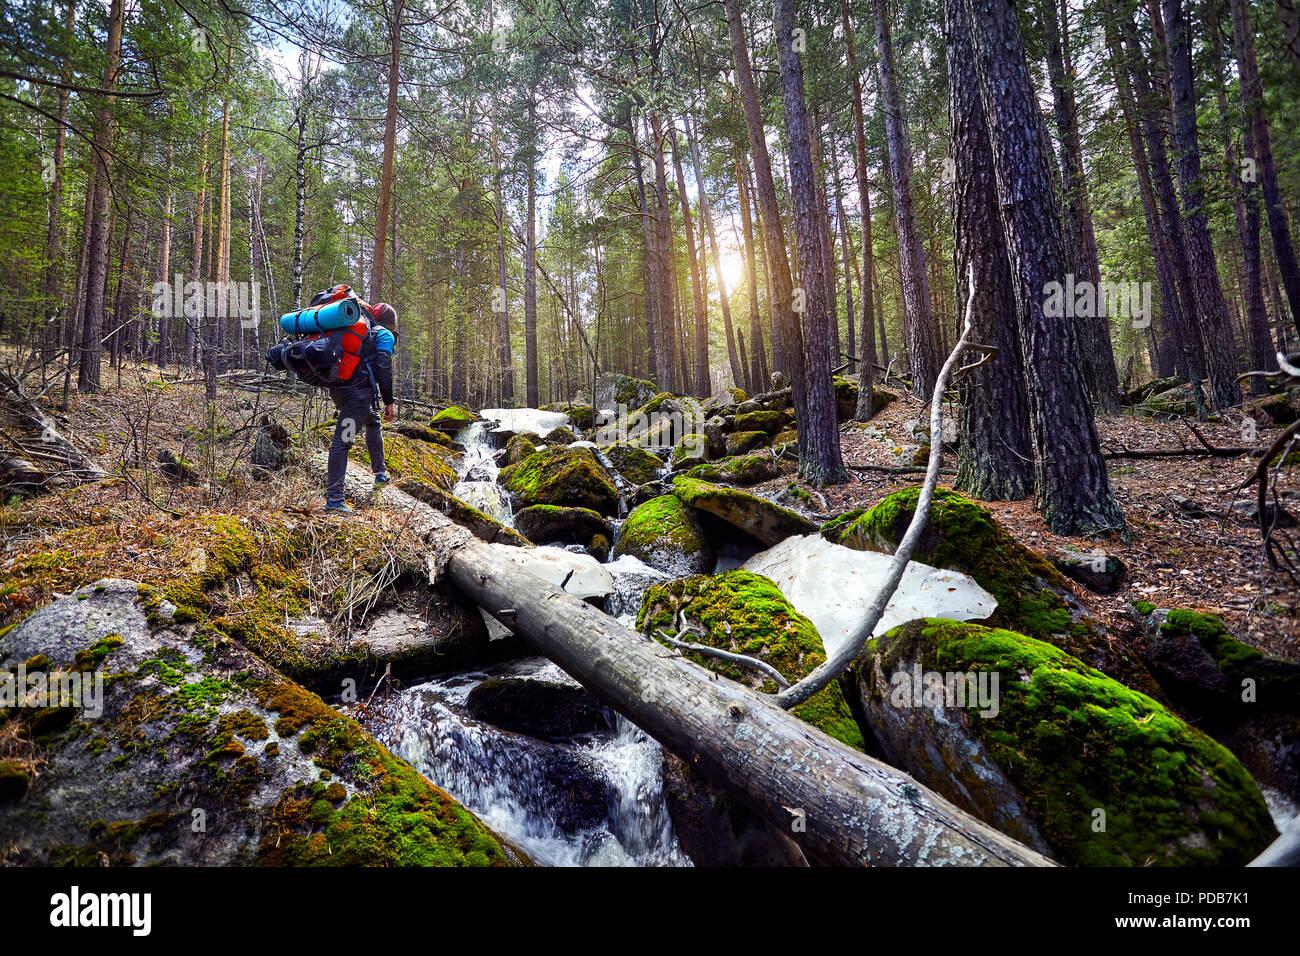 Escursionista in con grande zaino per raggiungere a piedi la bellissima foresta in Karkaraly parco nazionale in Kazakistan centrale Immagini Stock